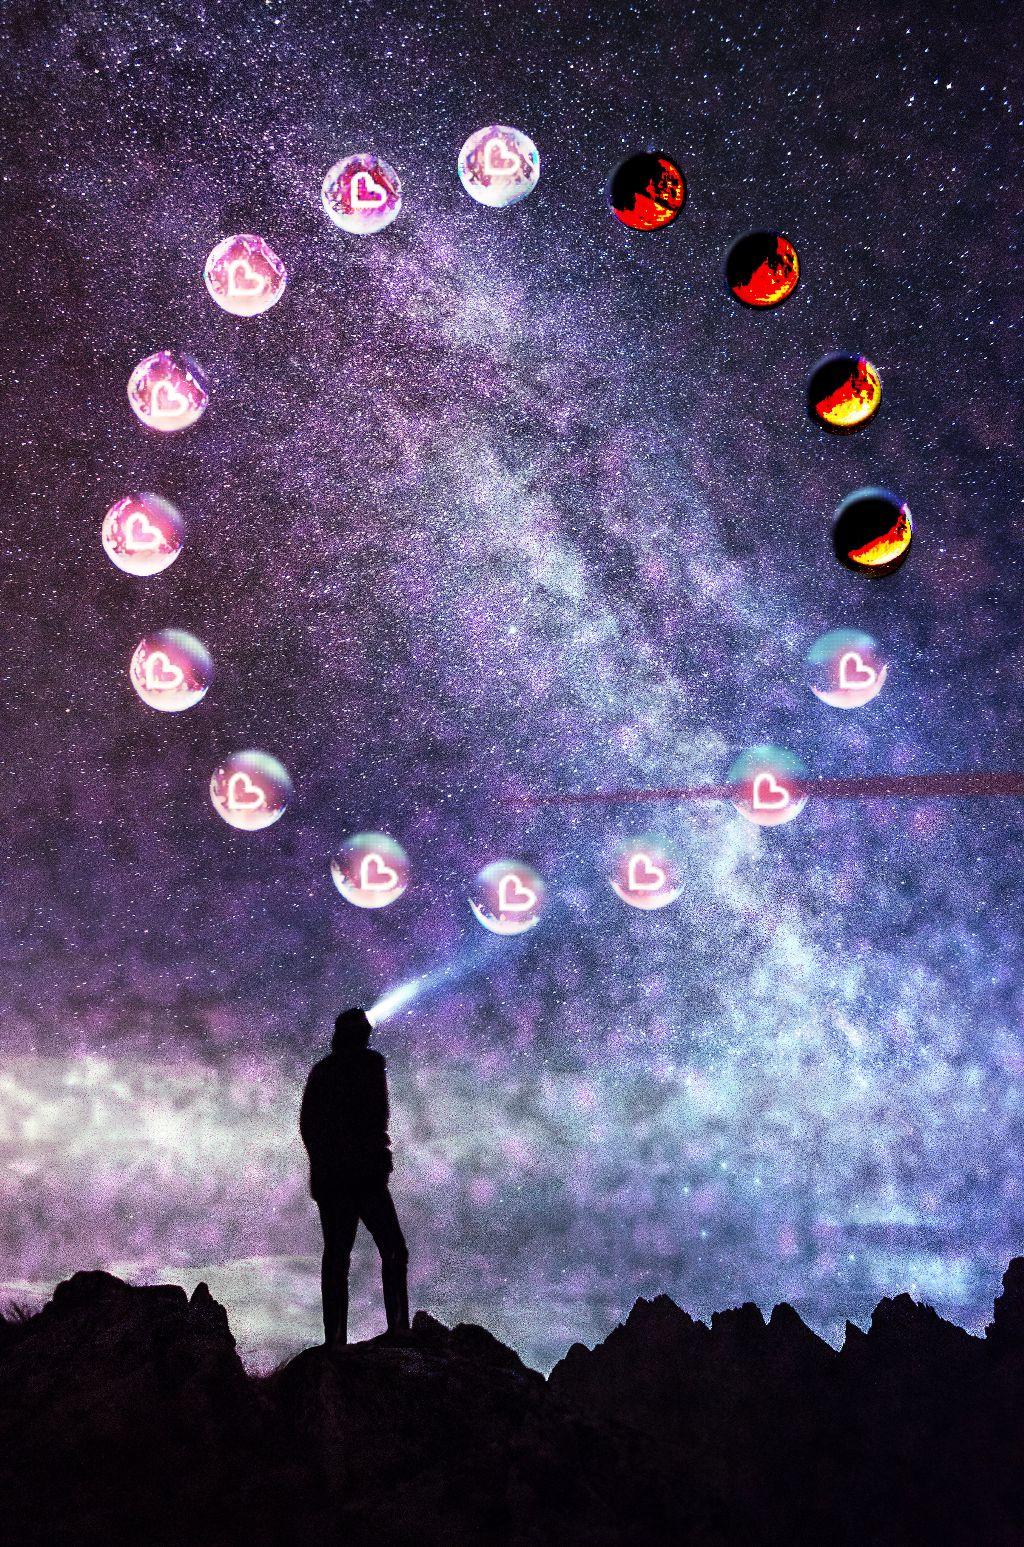 #freetoedit #heartmoon #galaxy #moon #starrynight